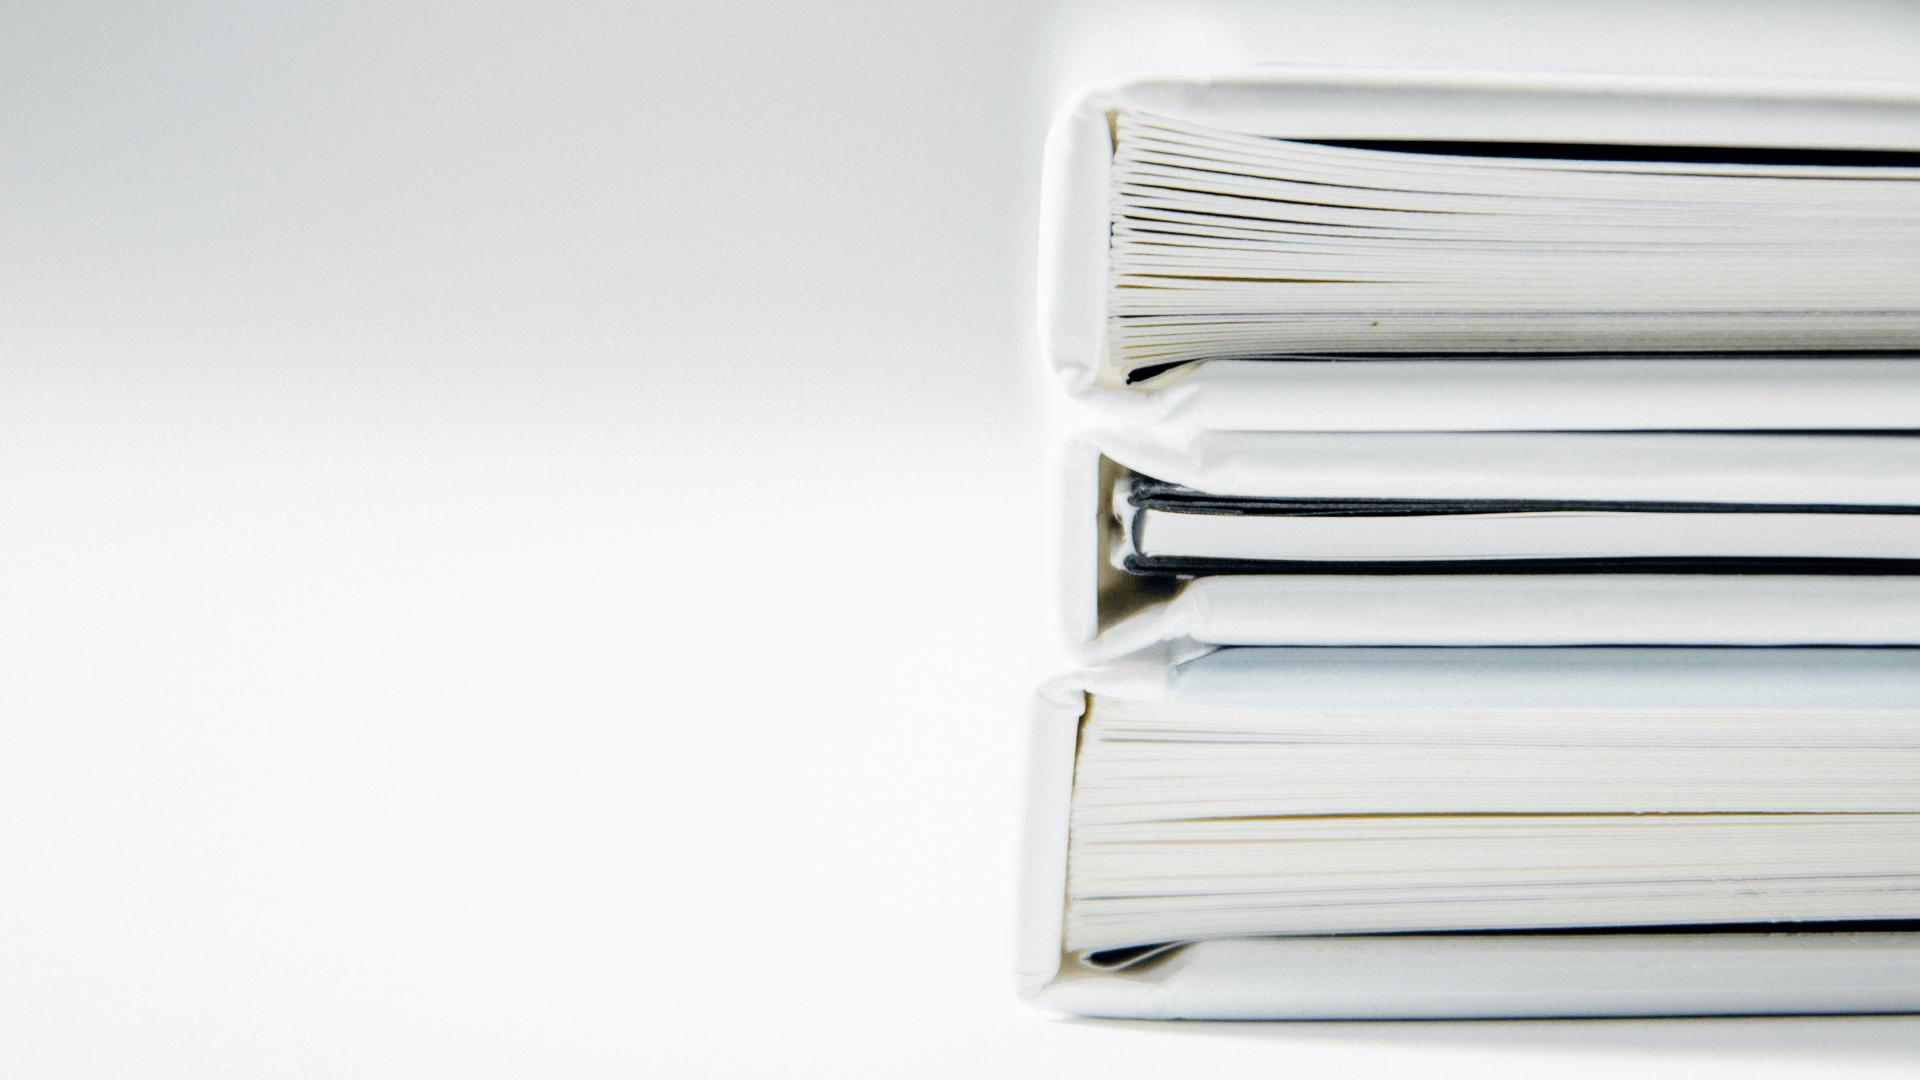 Come scegliere il miglior Document Management System per l'azienda